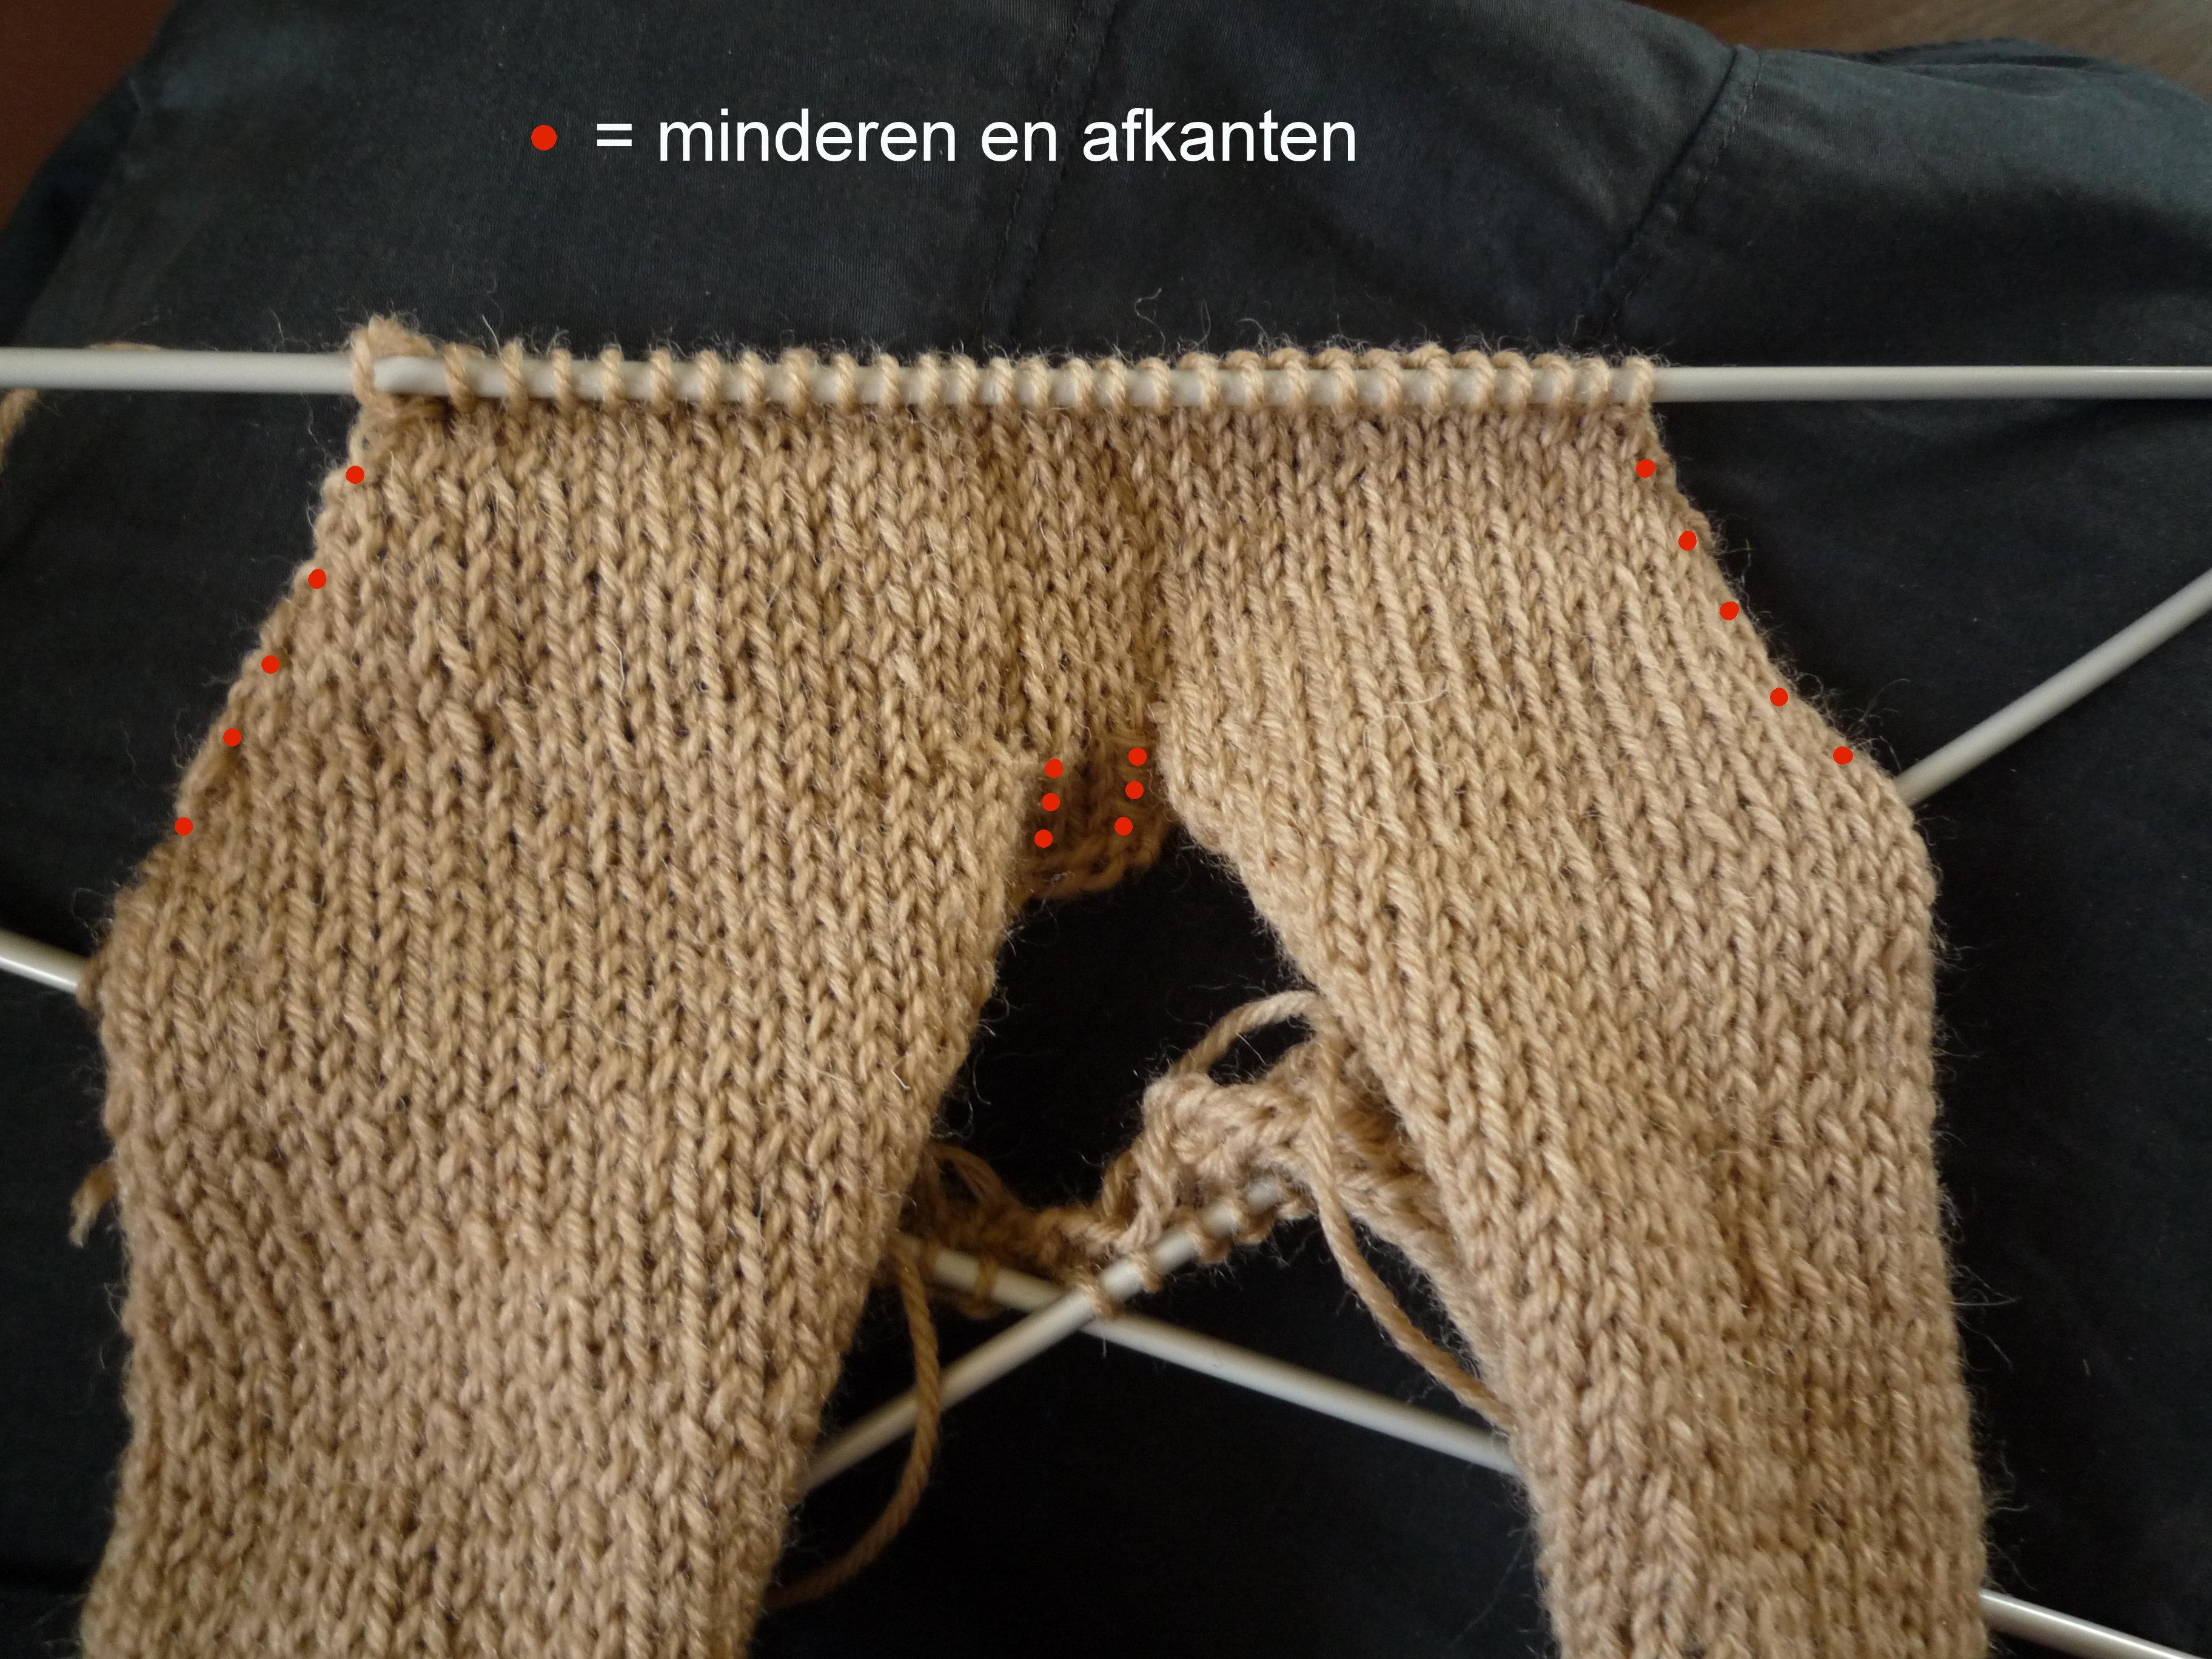 https://welkepopisdat.nl/afbeeldingen-Forum/DurvinaFotos/Bart%20en%20Daan%20(4).JPG